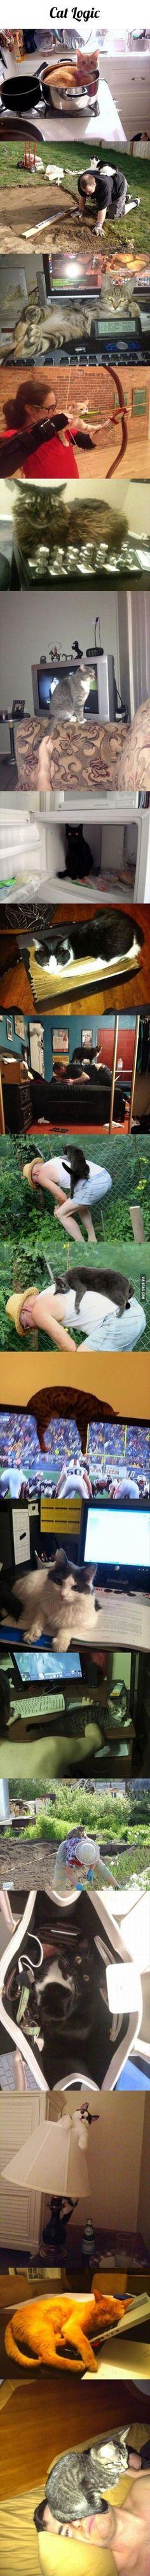 Cachou!! Sors de ce congelo! Bon sang y'a que les chats noirs qui font ça dites moi?